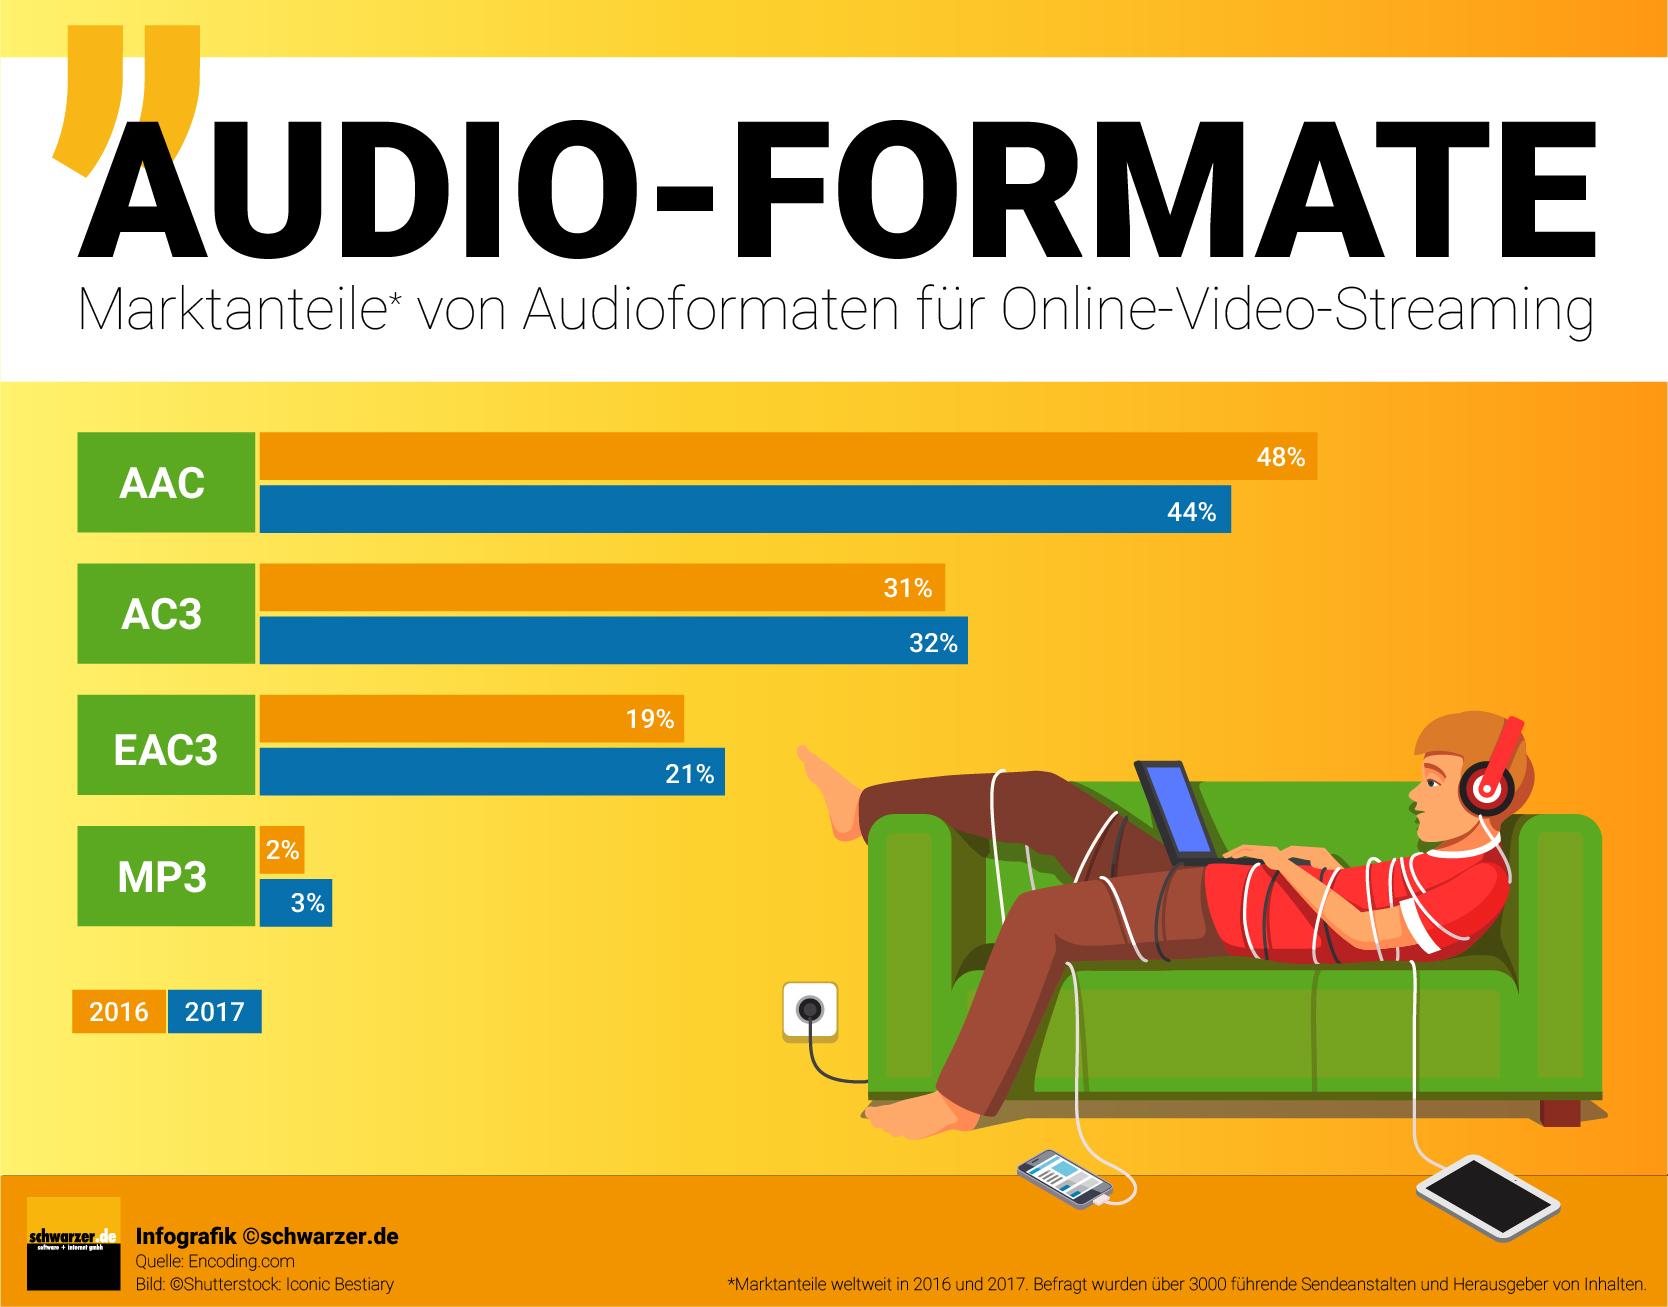 Infografik: Marktanteile von Audioformaten für Online Video Streaming 2016 und 2017 welltweit.